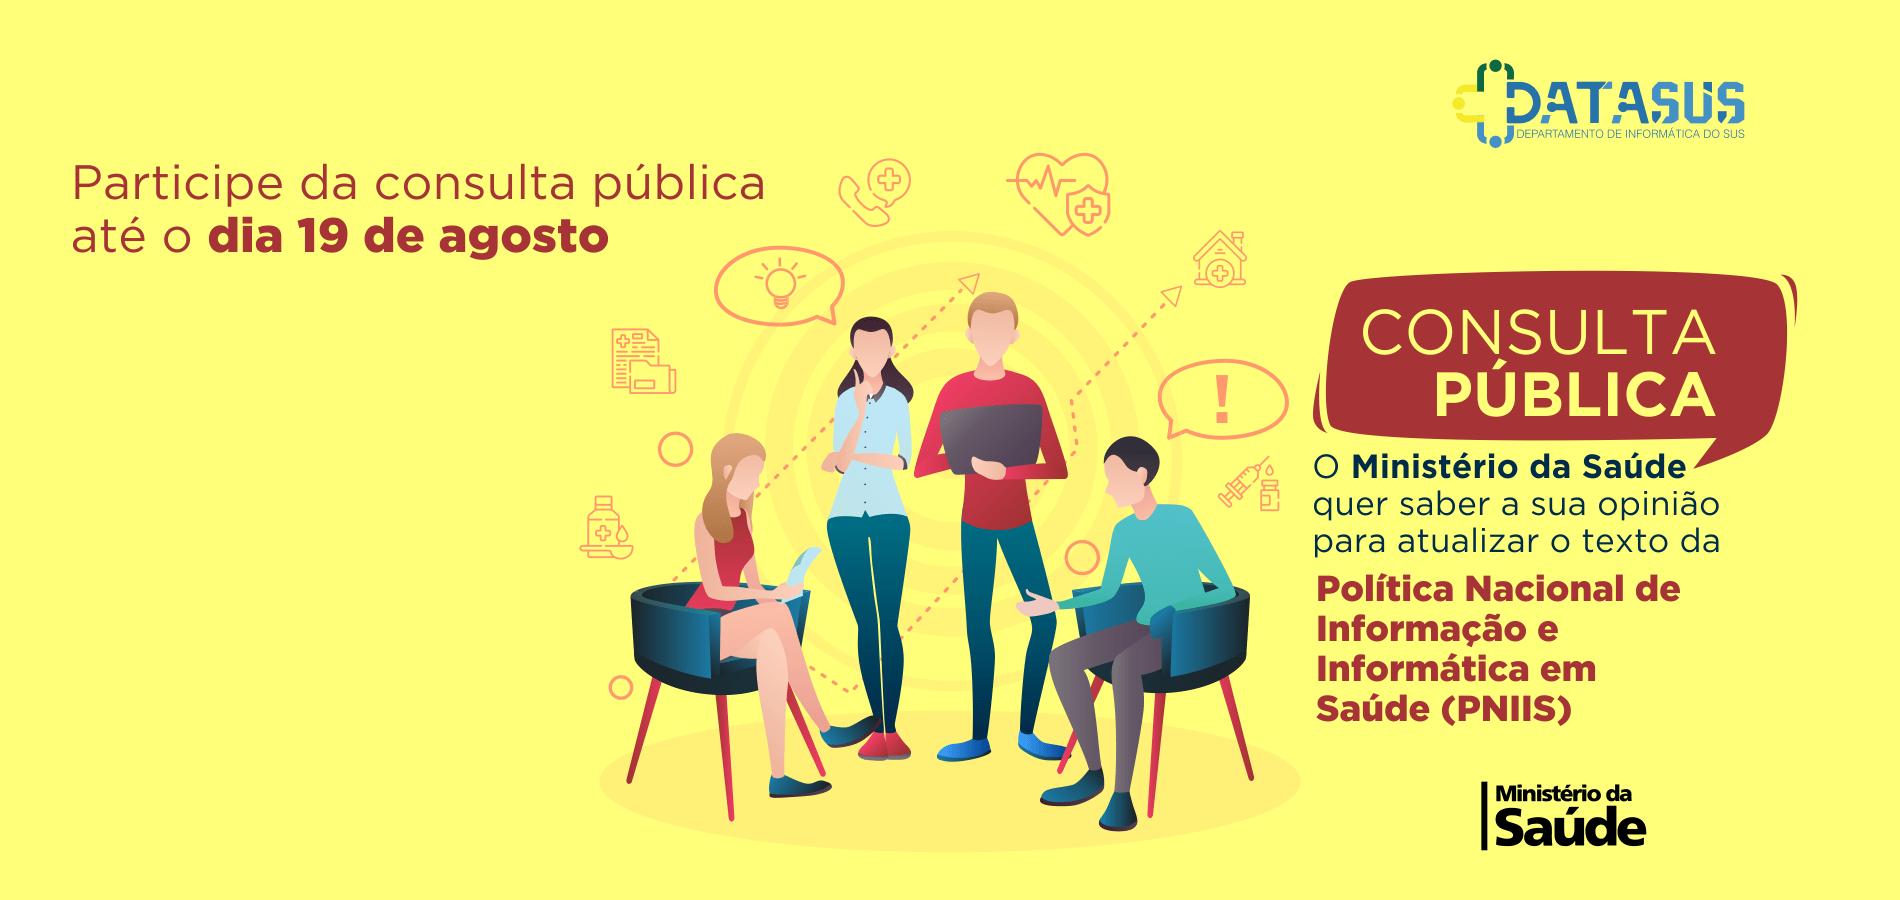 DATASUS lança consulta pública para a PNIIS